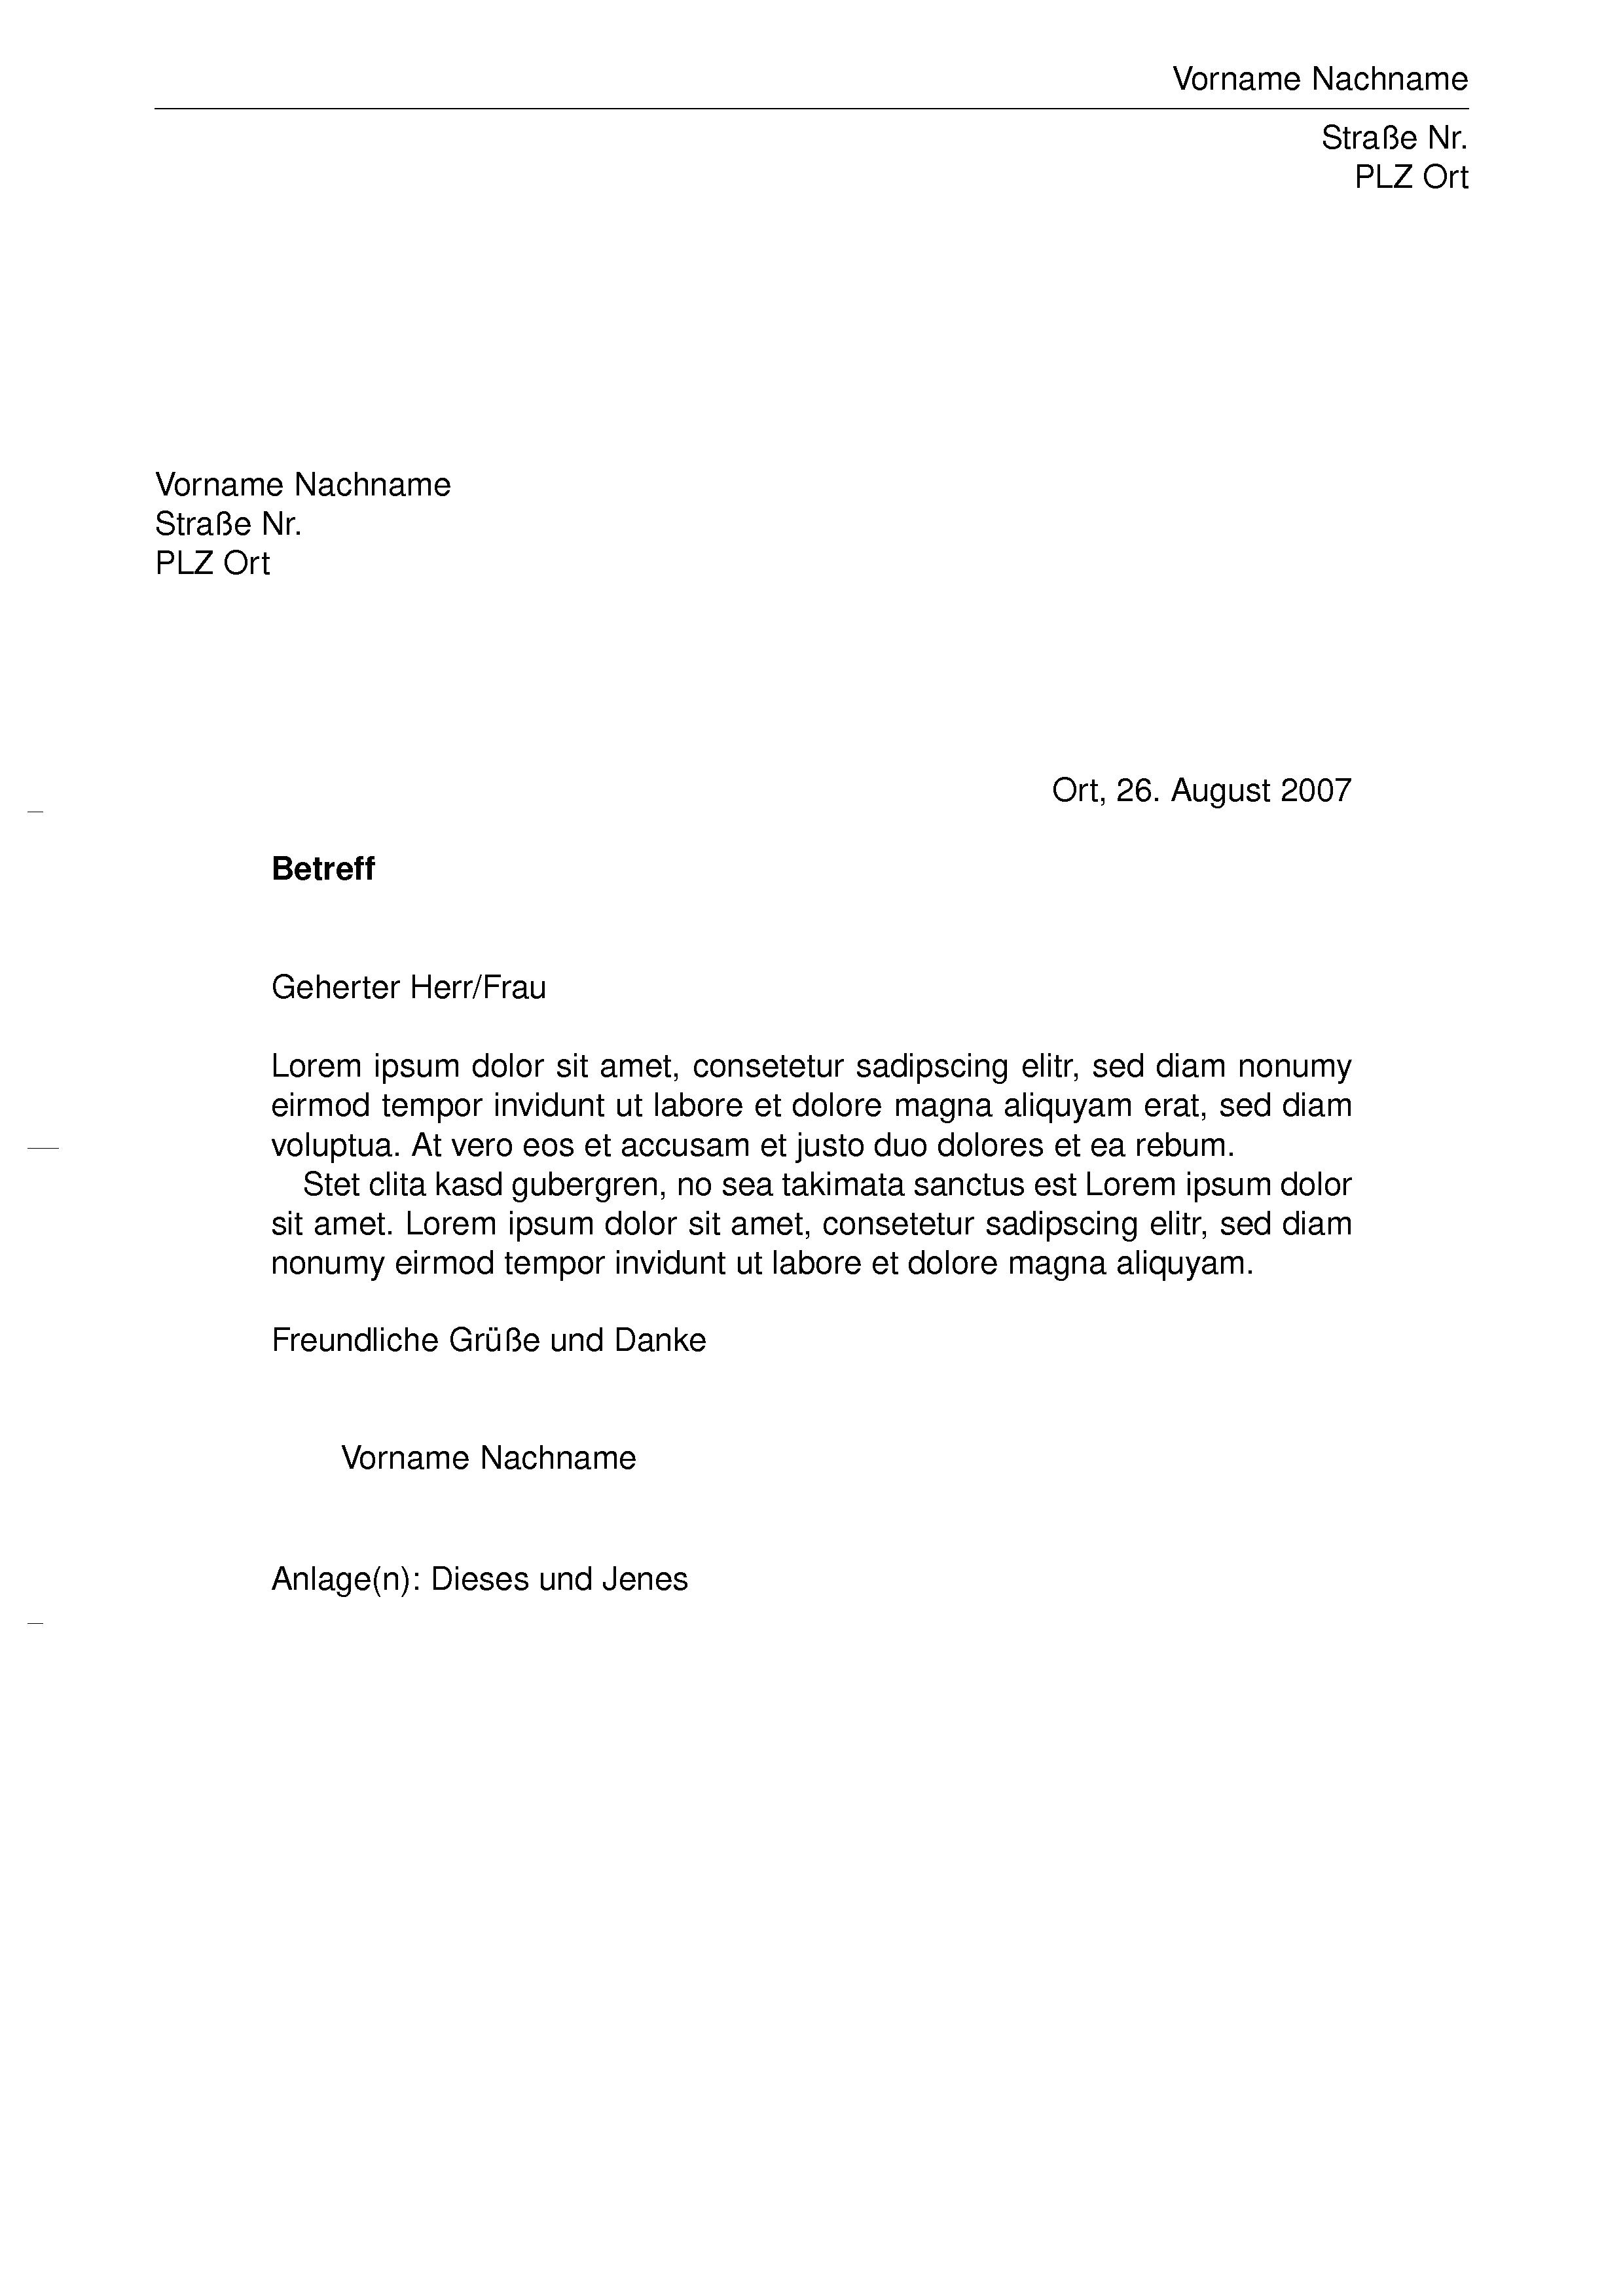 Offizielle Brief Format Normbrief Din Vorlage Deutsche Post Nett